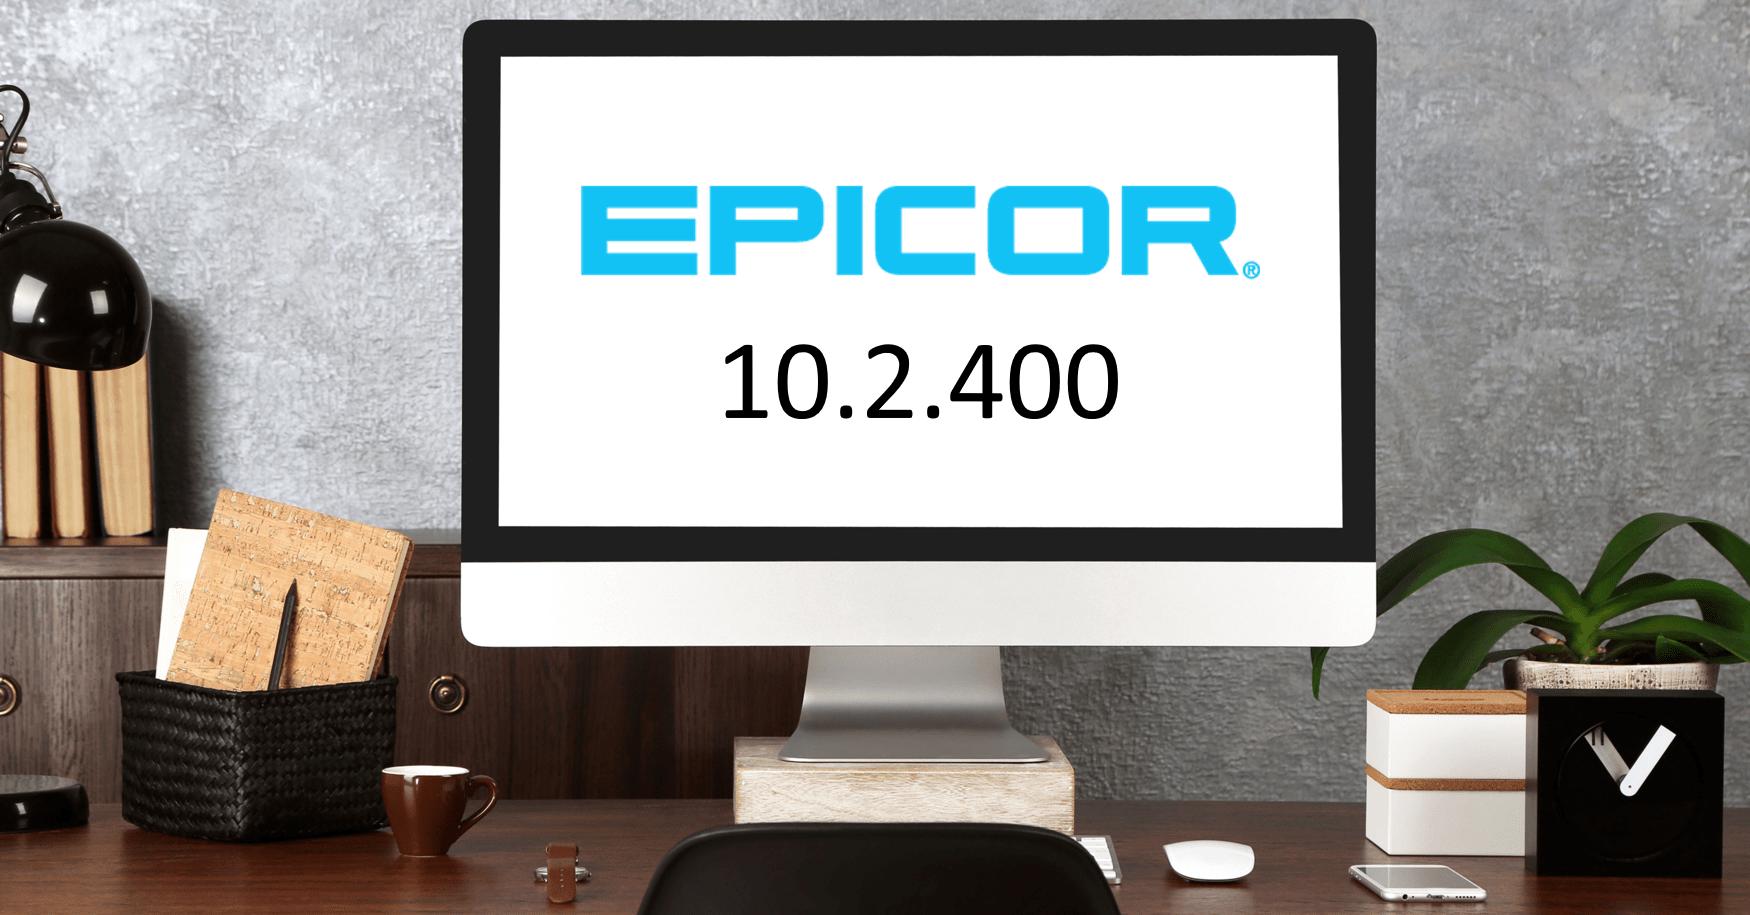 Epicor ERP 10.2.400